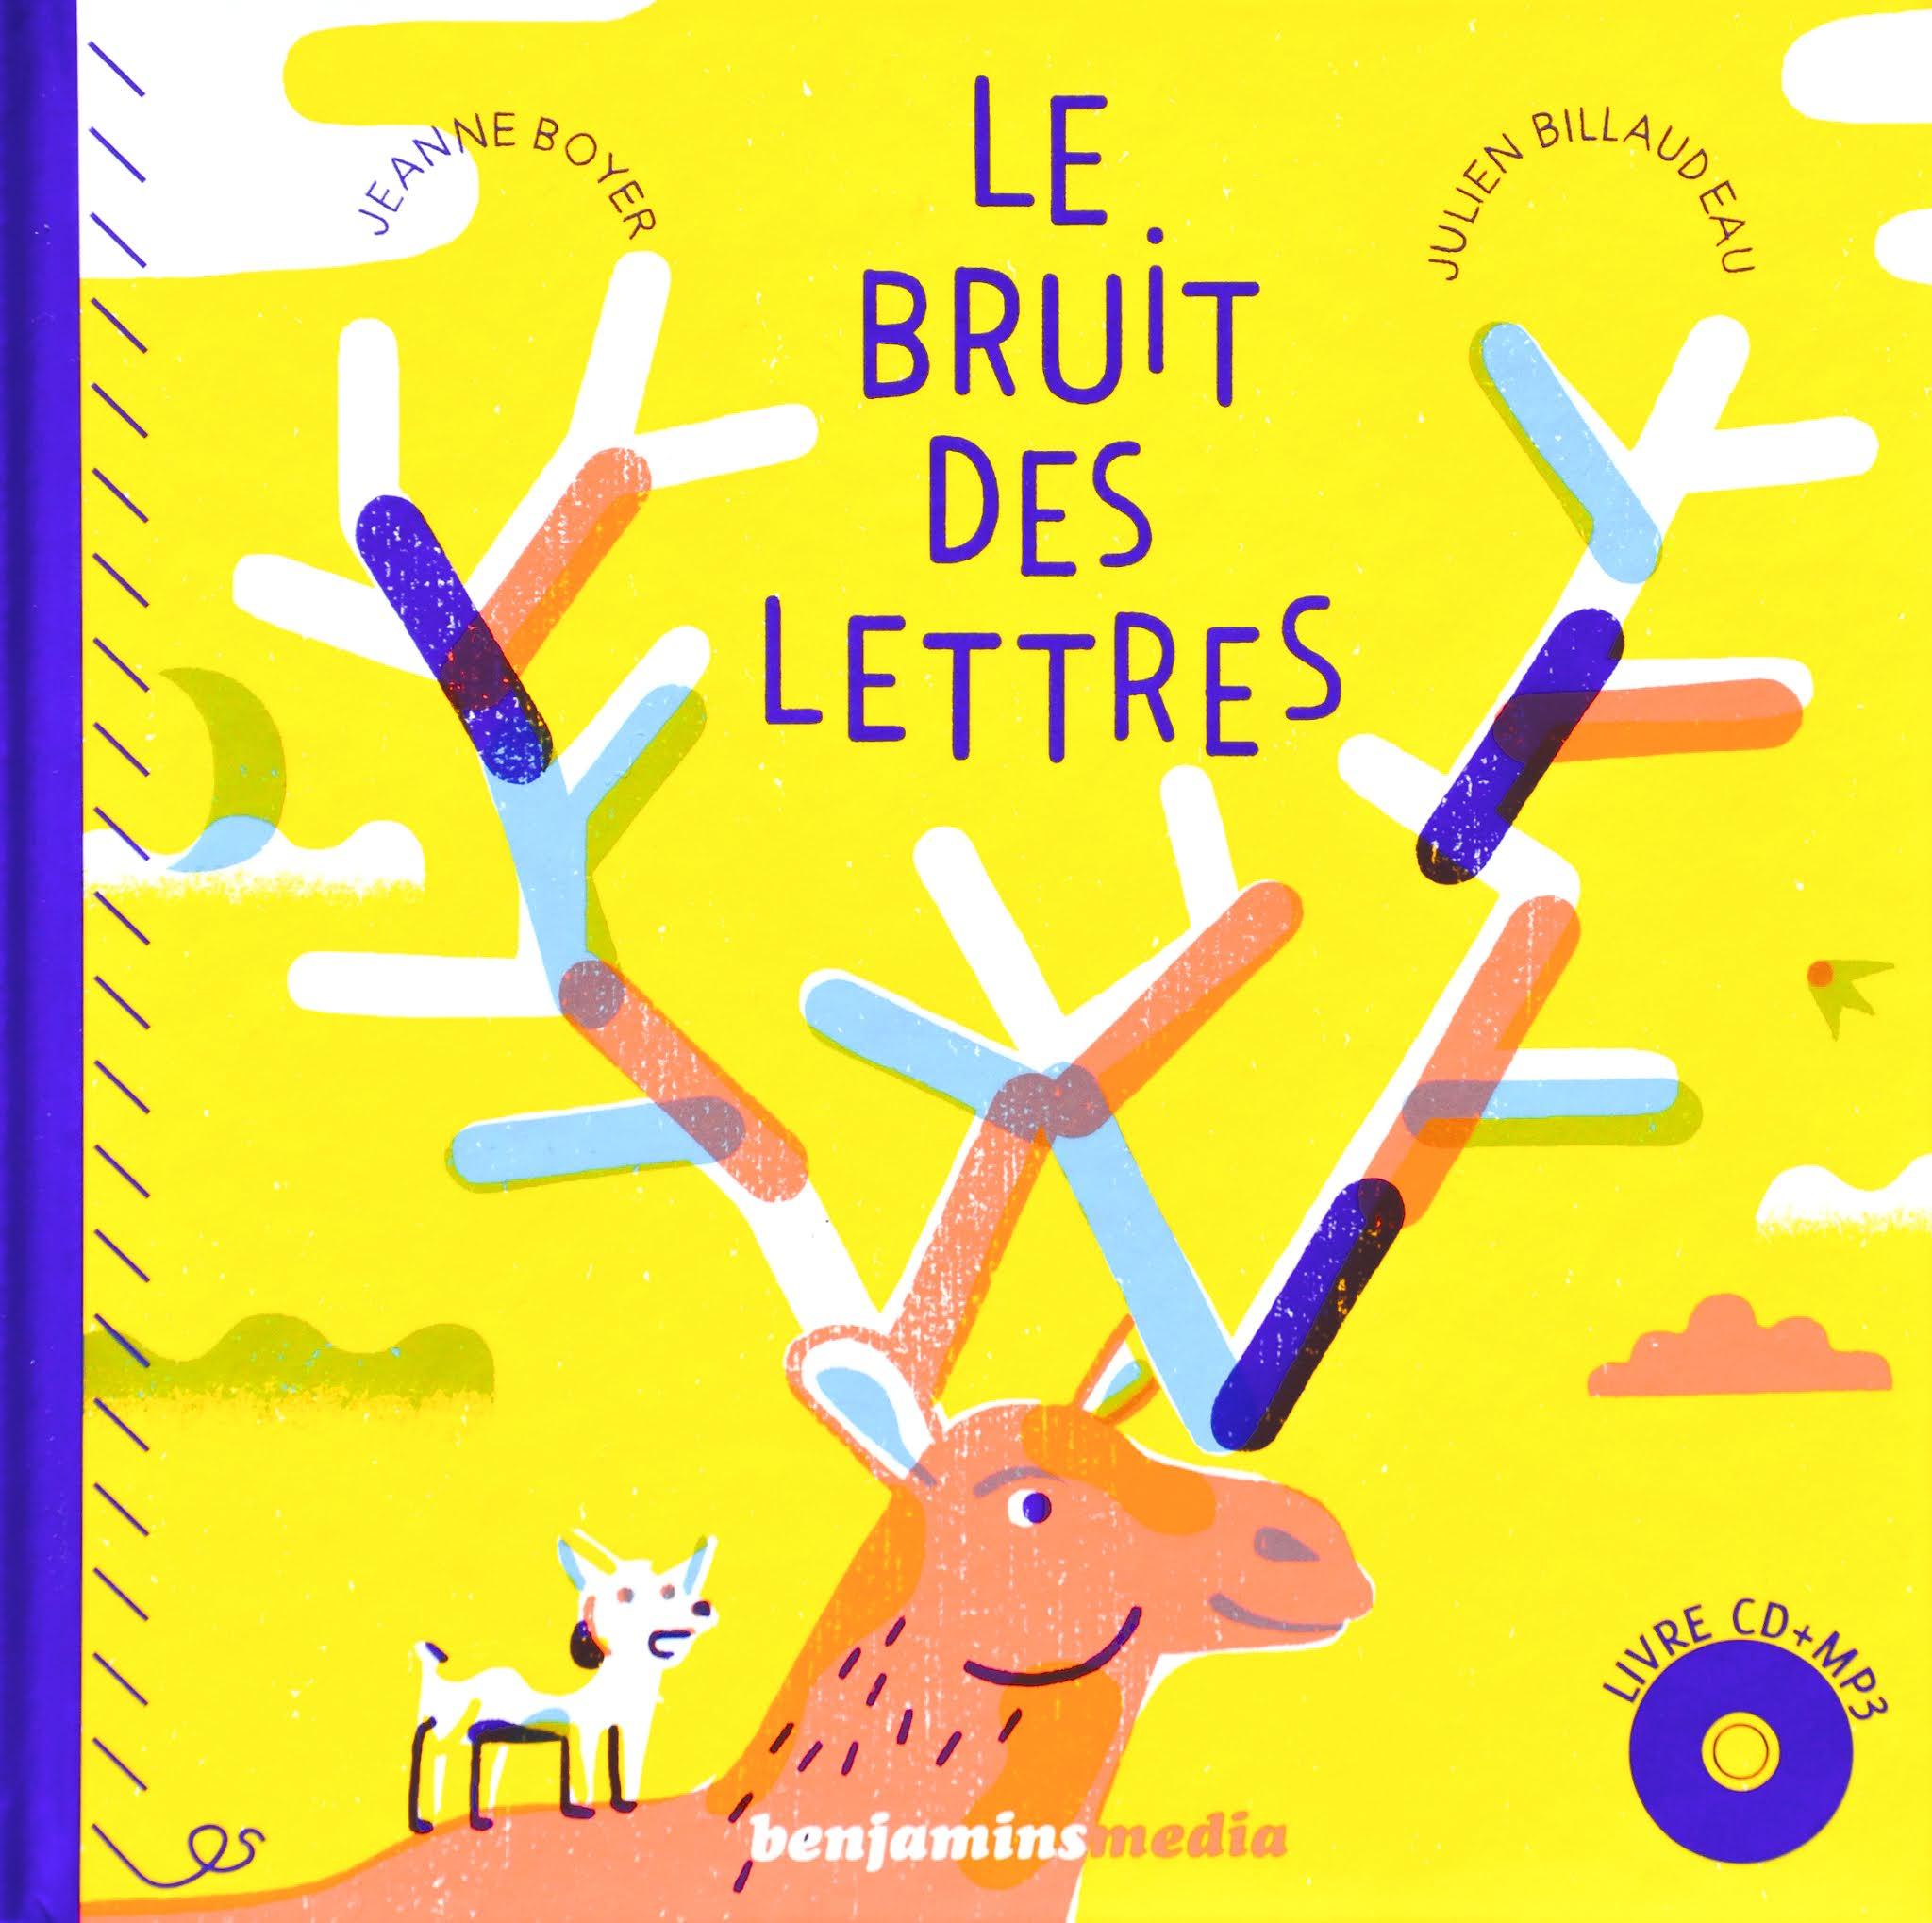 LE BRUIT DES LETTRES